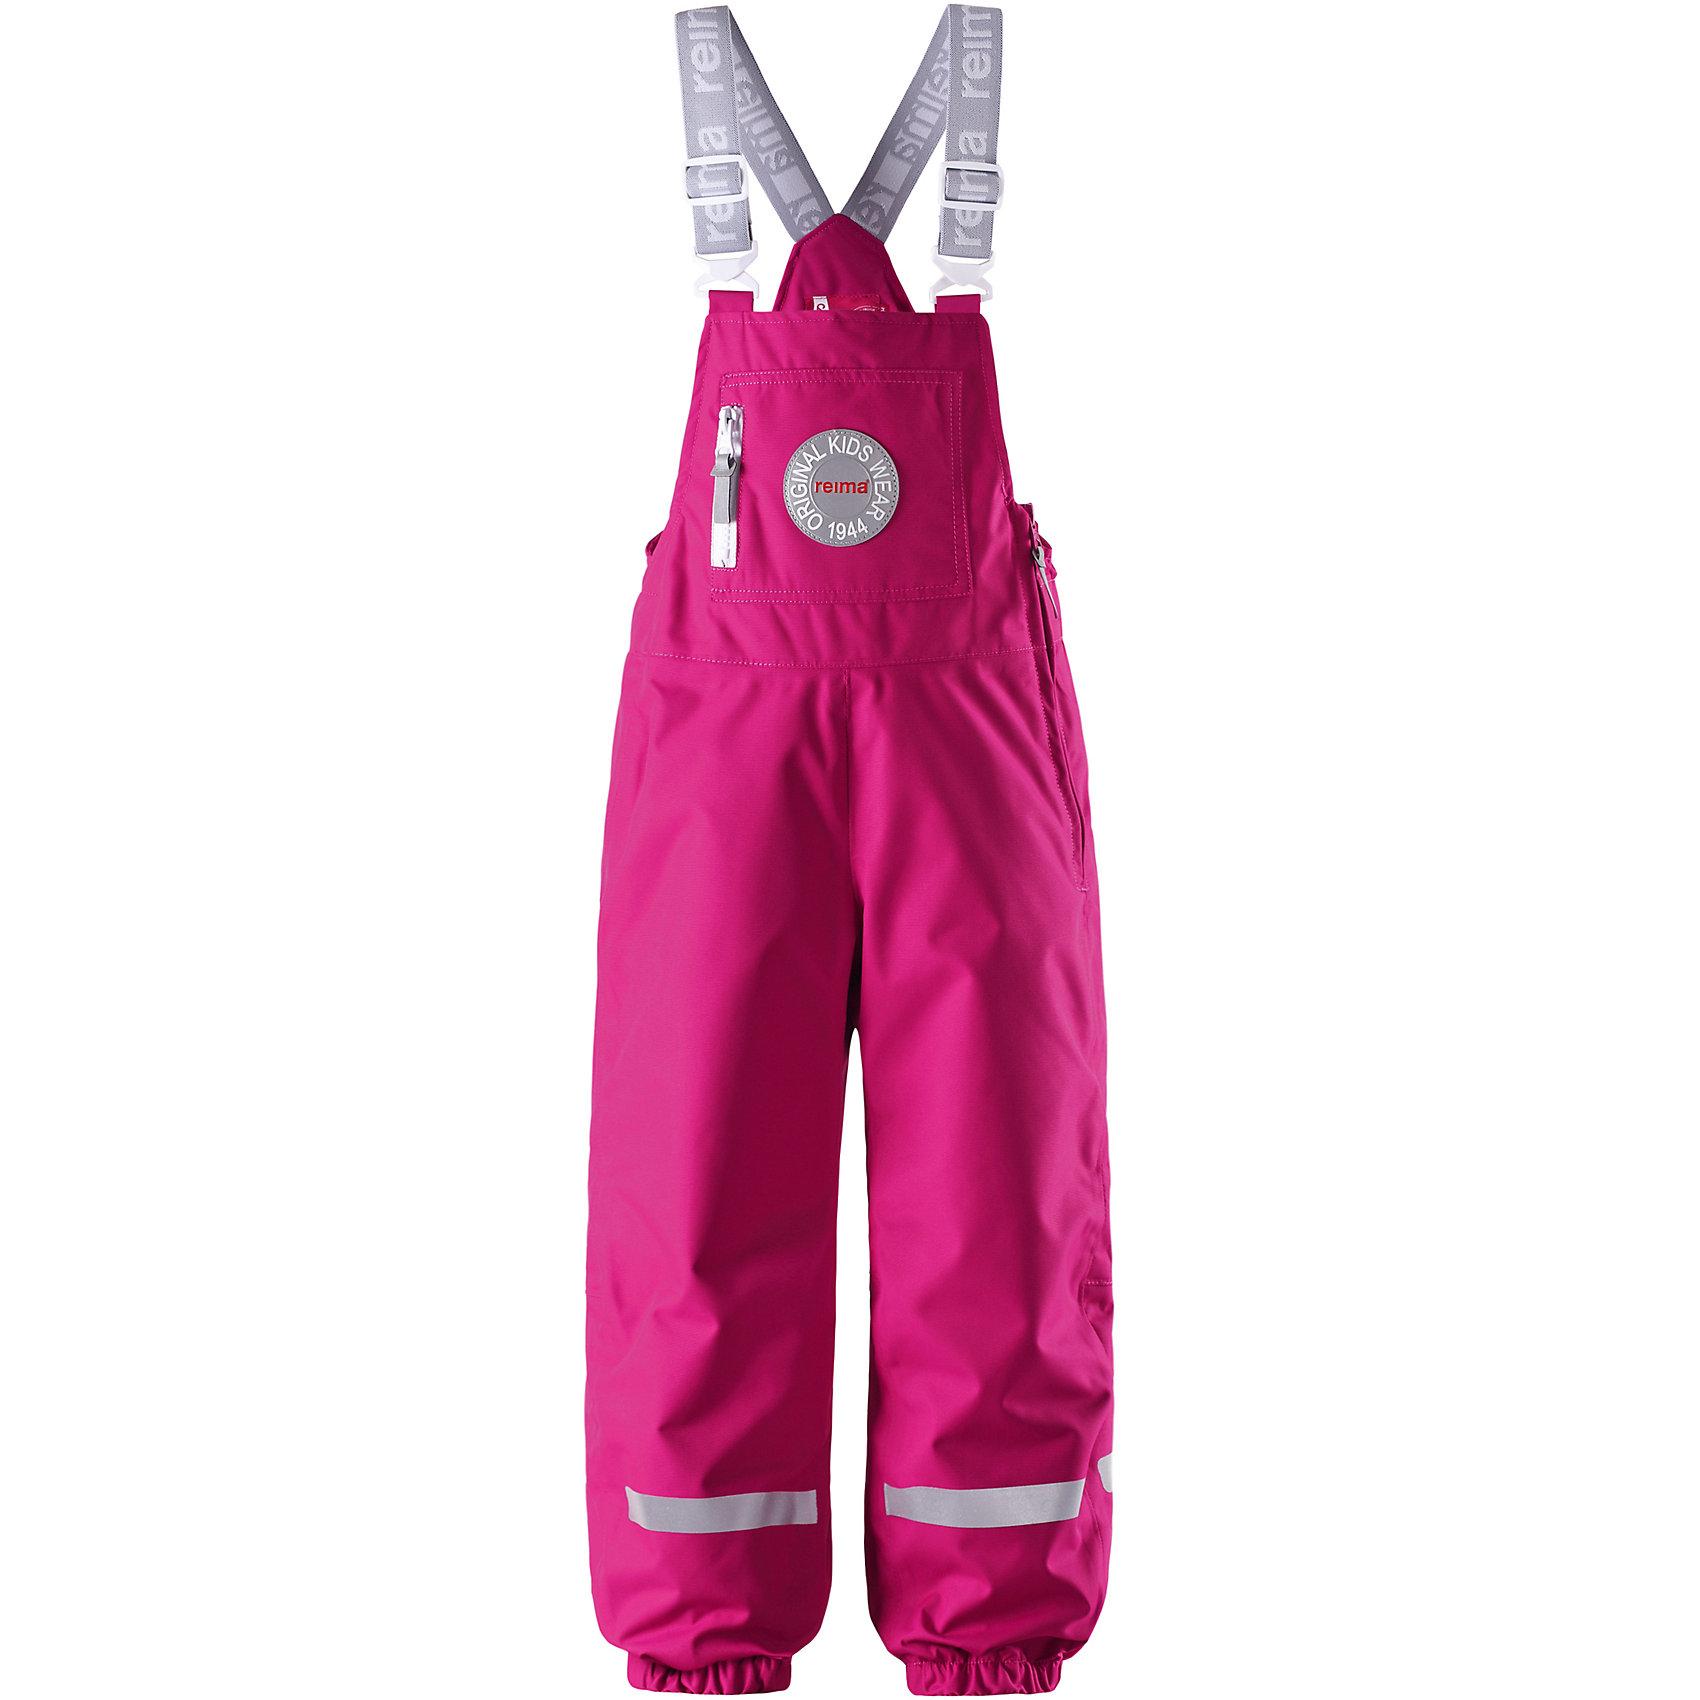 Брюки для девочки ReimaНадёжные демисезонные брюки из коллекции Reima (Рейма) к 70-ти летнему юбилею! Эта модель для детей в стиле ретро навеяна коллекцией Reima (Рейма) к 70-ти летнему юбилею. Слегка утеплённые демисезонные брюки отлично отталкивают воду и грязь. Они подходят для поздней осени и могут трансформироваться в зимнюю модель с помощью тёплого промежуточного слоя! Основные швы проклеены, чтобы ребёнок не намок под дождём. Эти брюки в стиле ретро имеют большой передний карман на молнии, широкие регулируемые подтяжки и множество светоотражающих деталей, благодаря которым, ребёнок сможет безопасно играть в вечернее время. Силиконовые штрипки удержат брючины на месте при быстрой ходьбе. Прямой, слегка зауженный стиль.<br><br> Дожденепроницаемые демисезонные брюки для детей, коллекция Reima (Рейма) к 70-ти летнему юбилею <br> Основные швы проклеены, водонепроницаемы <br> Лёгкий утеплитель <br> Регулируемые подтяжки, пряжки спереди <br> Много светоотражающих деталей <br> Большой карман на молнии спереди <br> Прочные силиконовые штрипки <br>Состав:<br>100% ПЭ, ПУ-покрытие<br>Легкая степень утепления (до - 10)<br><br>Брюки Reima (Рейма) можно купить в нашем магазине.<br><br>Ширина мм: 215<br>Глубина мм: 88<br>Высота мм: 191<br>Вес г: 336<br>Цвет: розовый<br>Возраст от месяцев: 18<br>Возраст до месяцев: 24<br>Пол: Женский<br>Возраст: Детский<br>Размер: 92,104,128,122,116,110,98<br>SKU: 4209787